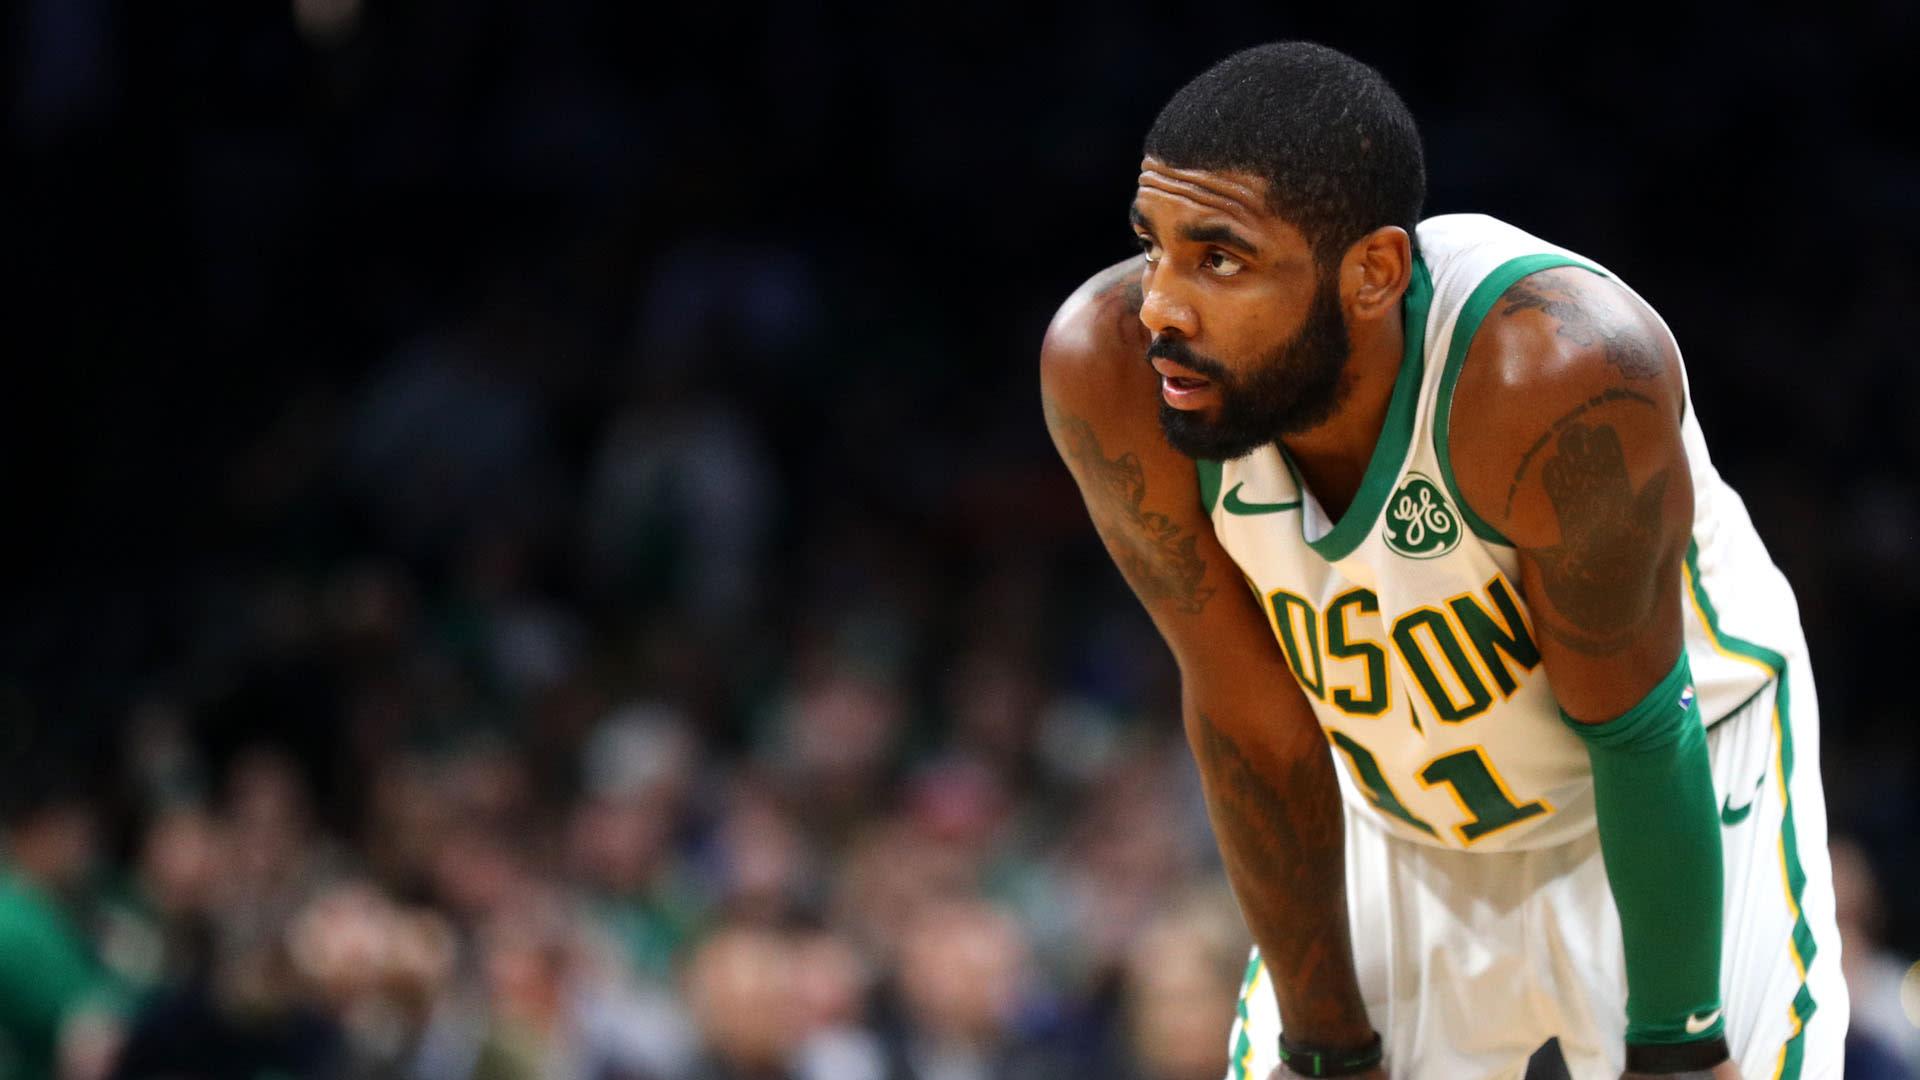 NBA》你覺得現在的塞爾蒂克季後賽有沒有問題?